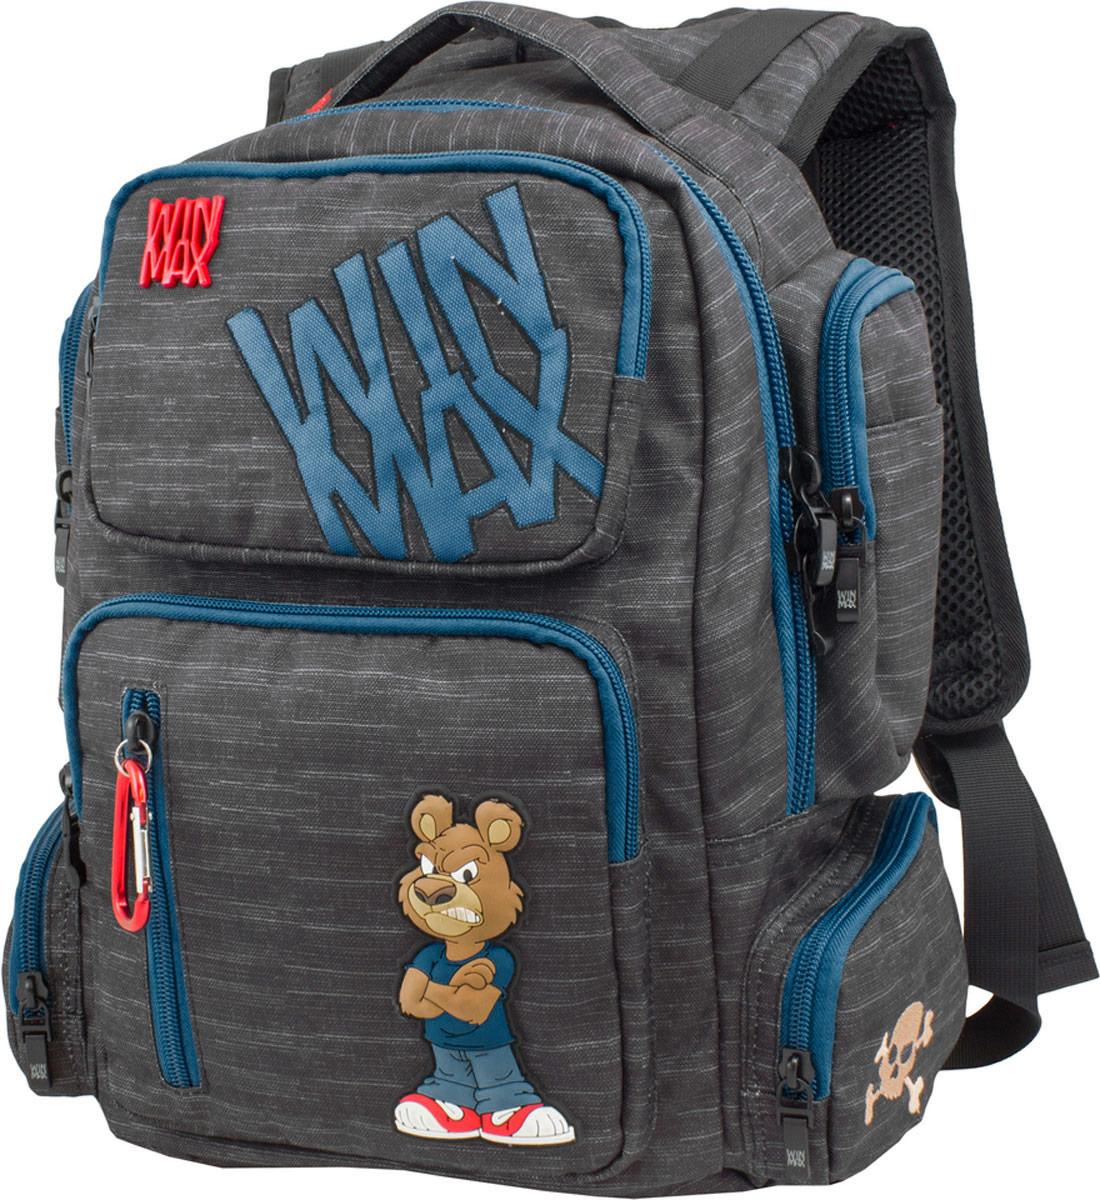 WinMax Рюкзак детский цвет черный синий K-544K-544_чер/синРюкзак WinMax, украшенный оригинальной вышивкой и стильной объемной аппликацией. Эта модель не только красива и оригинальна, но и очень практична и удобна. Благодаря качественному, легкому и прочному материалу, рюкзак долговечен в носке, а множество отделений поможет разместить все необходимые вещи школьника. Если вы ищите, что-то совершенно необычное по стилю, оригинальное и качественное, советуем обратить внимание на него. Рюкзак имеет одно вместительно отделение на молнии. Внутри имеется мягкое отделение на липучке для планшета или ноутбука и открытый накладной карман-сетка. Отделение дополнено нашивкой, в которую можно занести личные данные владельца. На лицевой стороне рюкзака расположились врезной два накладных кармана на молниях. Верхний карман содержит два открытых накладных кармашка. Внутри нижнего кармана имеются два открытых накладных кармана, кармашек-сетка на молнии и три открытых кармашка под канцелярские принадлежности. По бокам рюкзака...